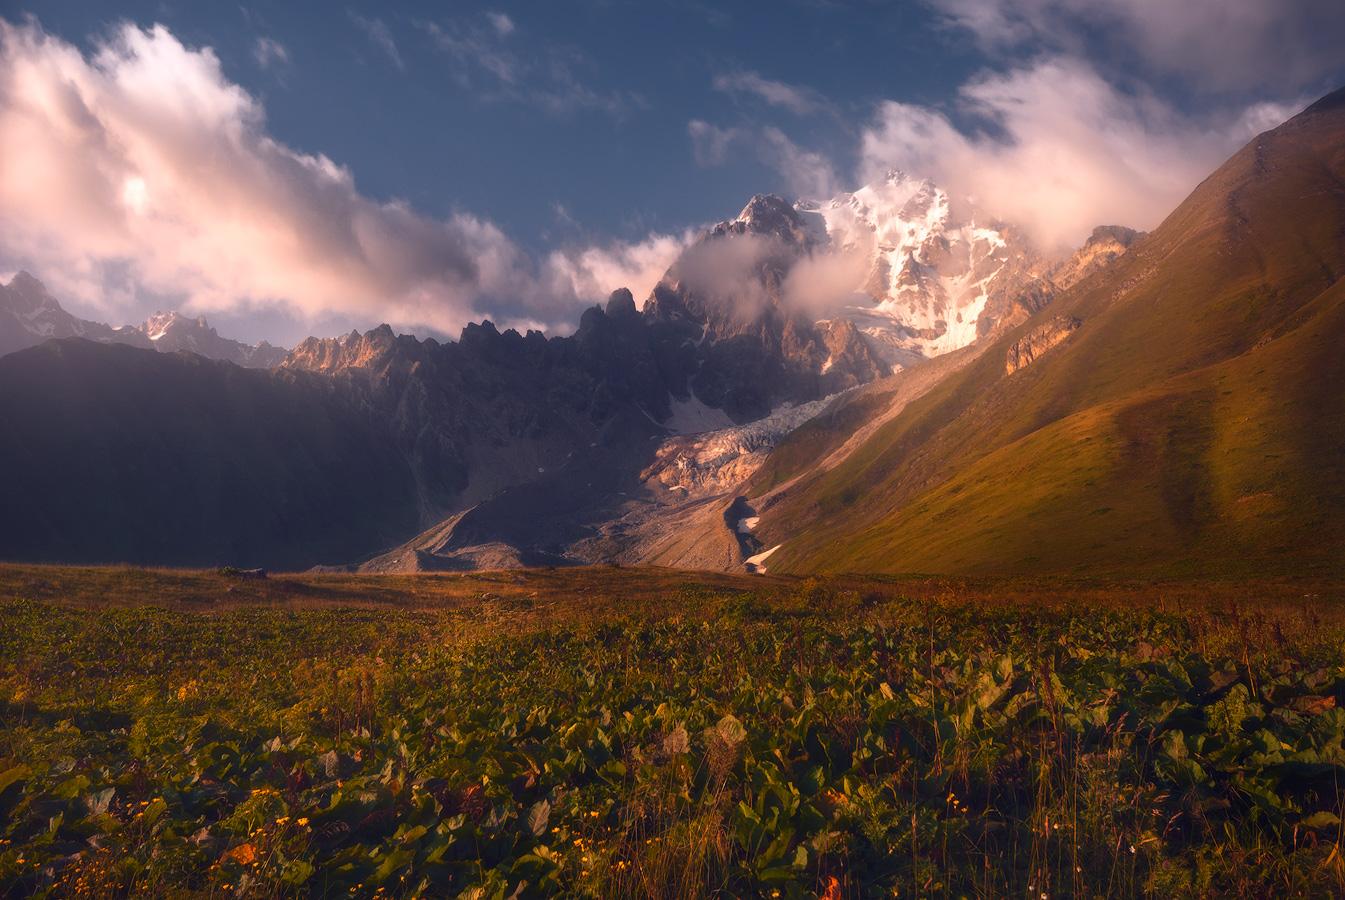 залить вечер в горах картинки мнению исследователей, его